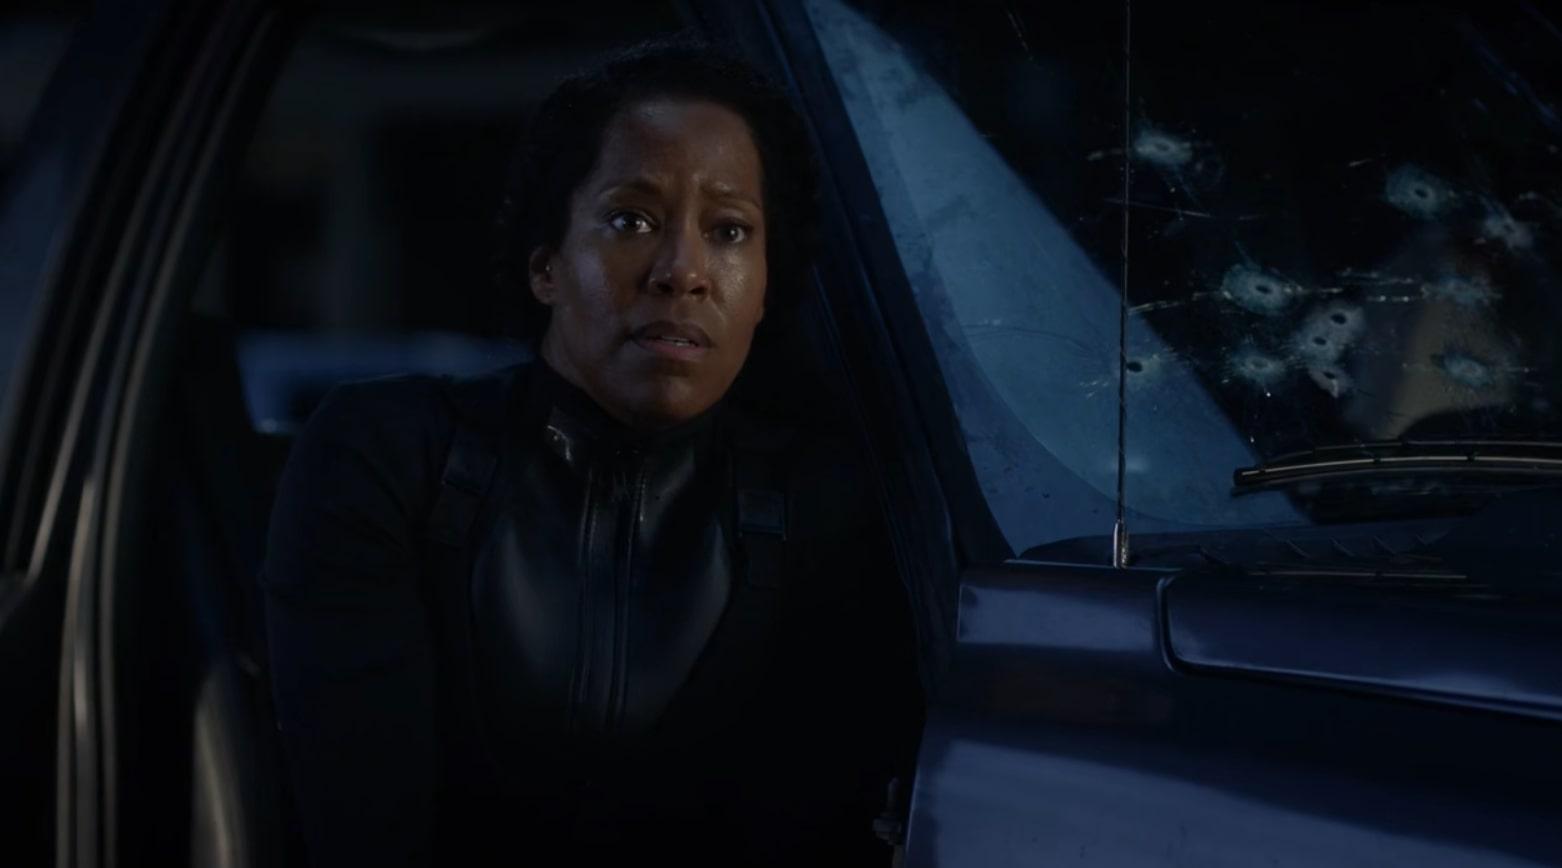 نقد و بررسی قسمت هشتم سریال Watchmen